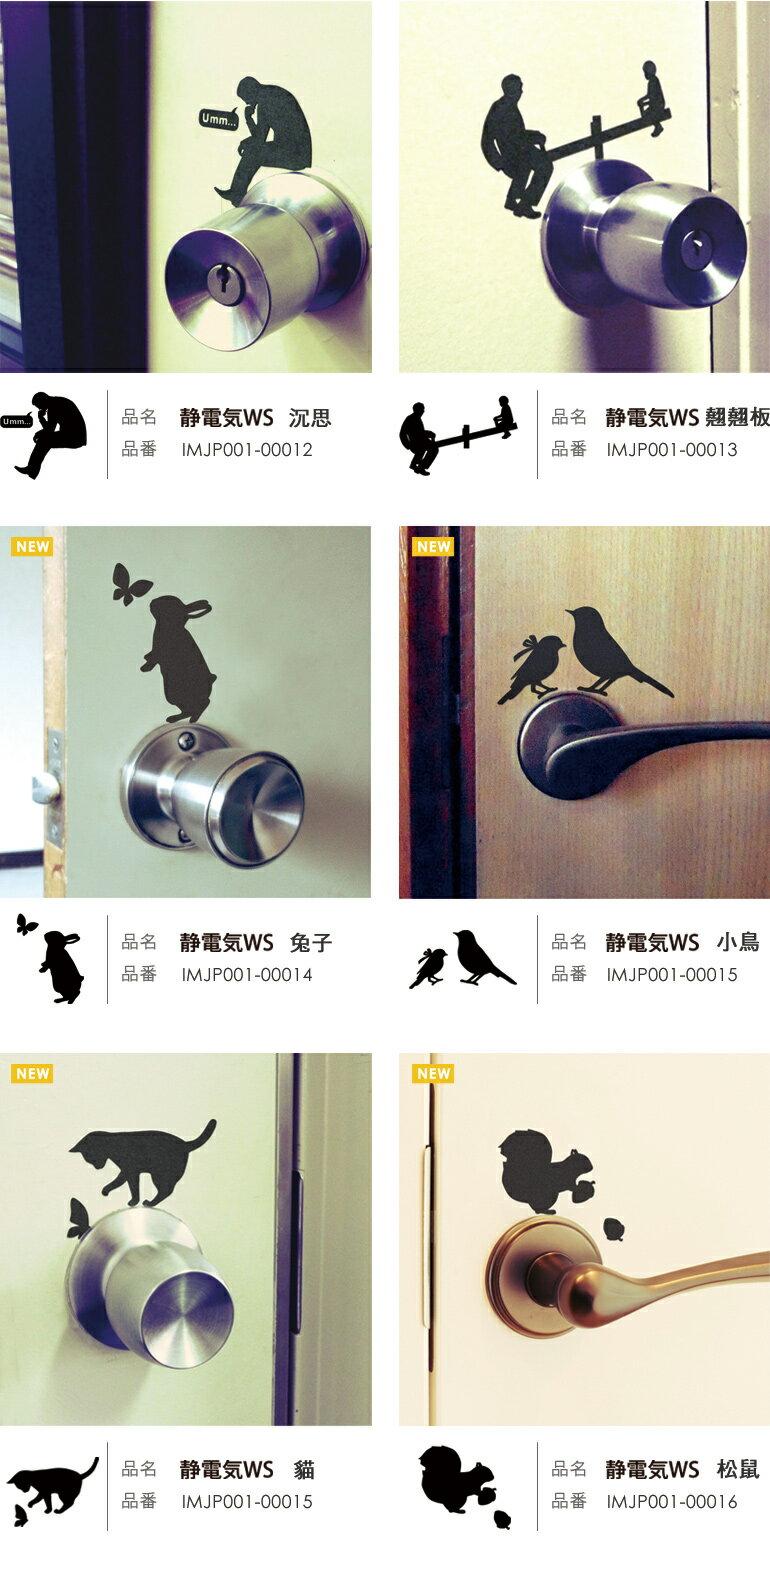 日本設計 - TOYA CASE - 除靜電貼(翹翹板)《全館免運費》款式